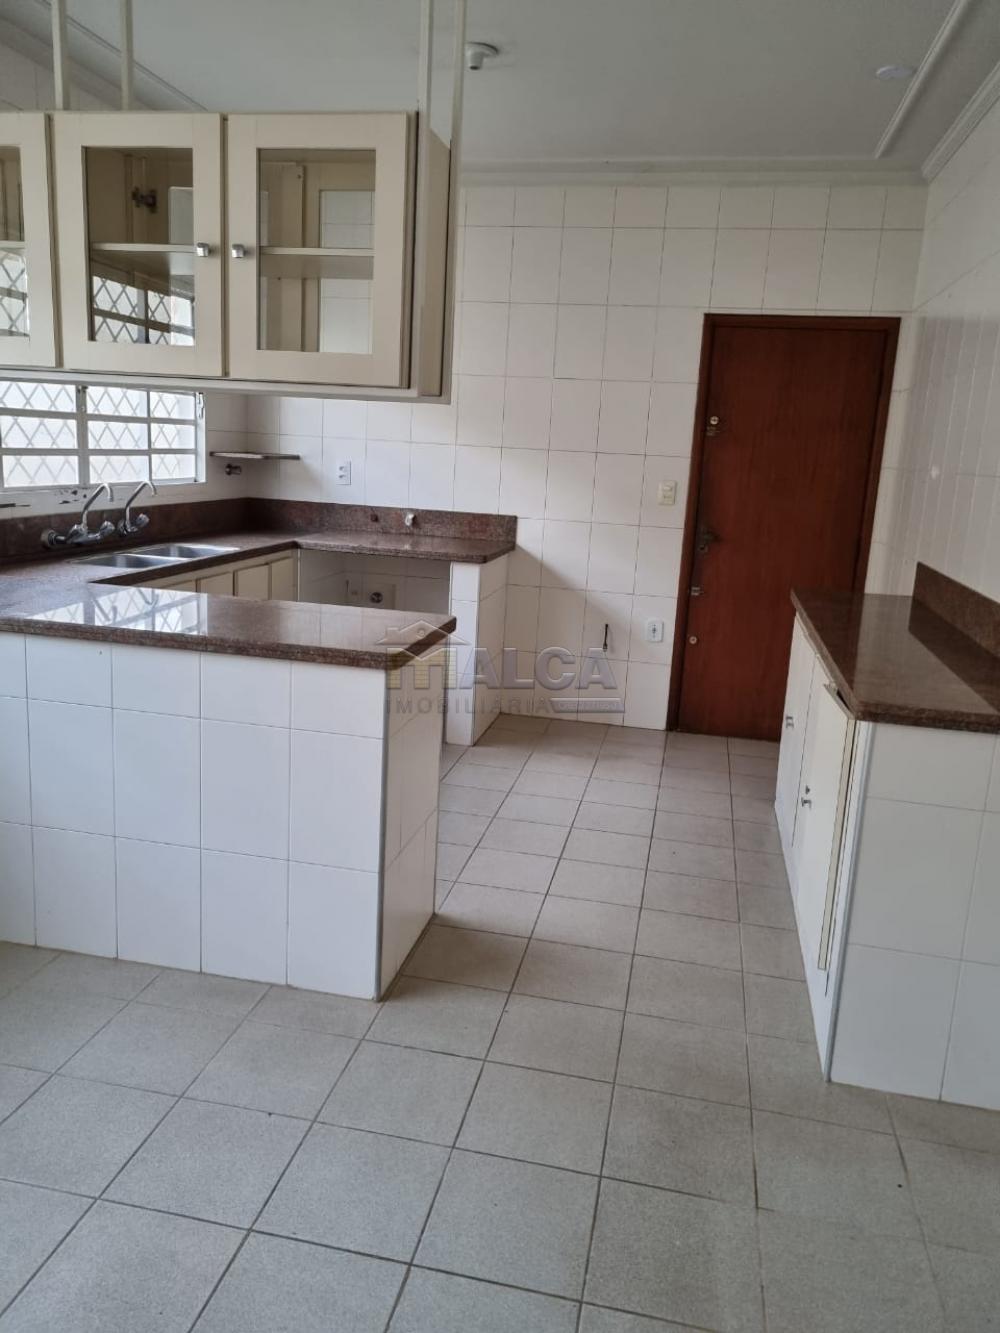 Alugar Casas / Padrão em São José do Rio Pardo R$ 2.950,00 - Foto 14